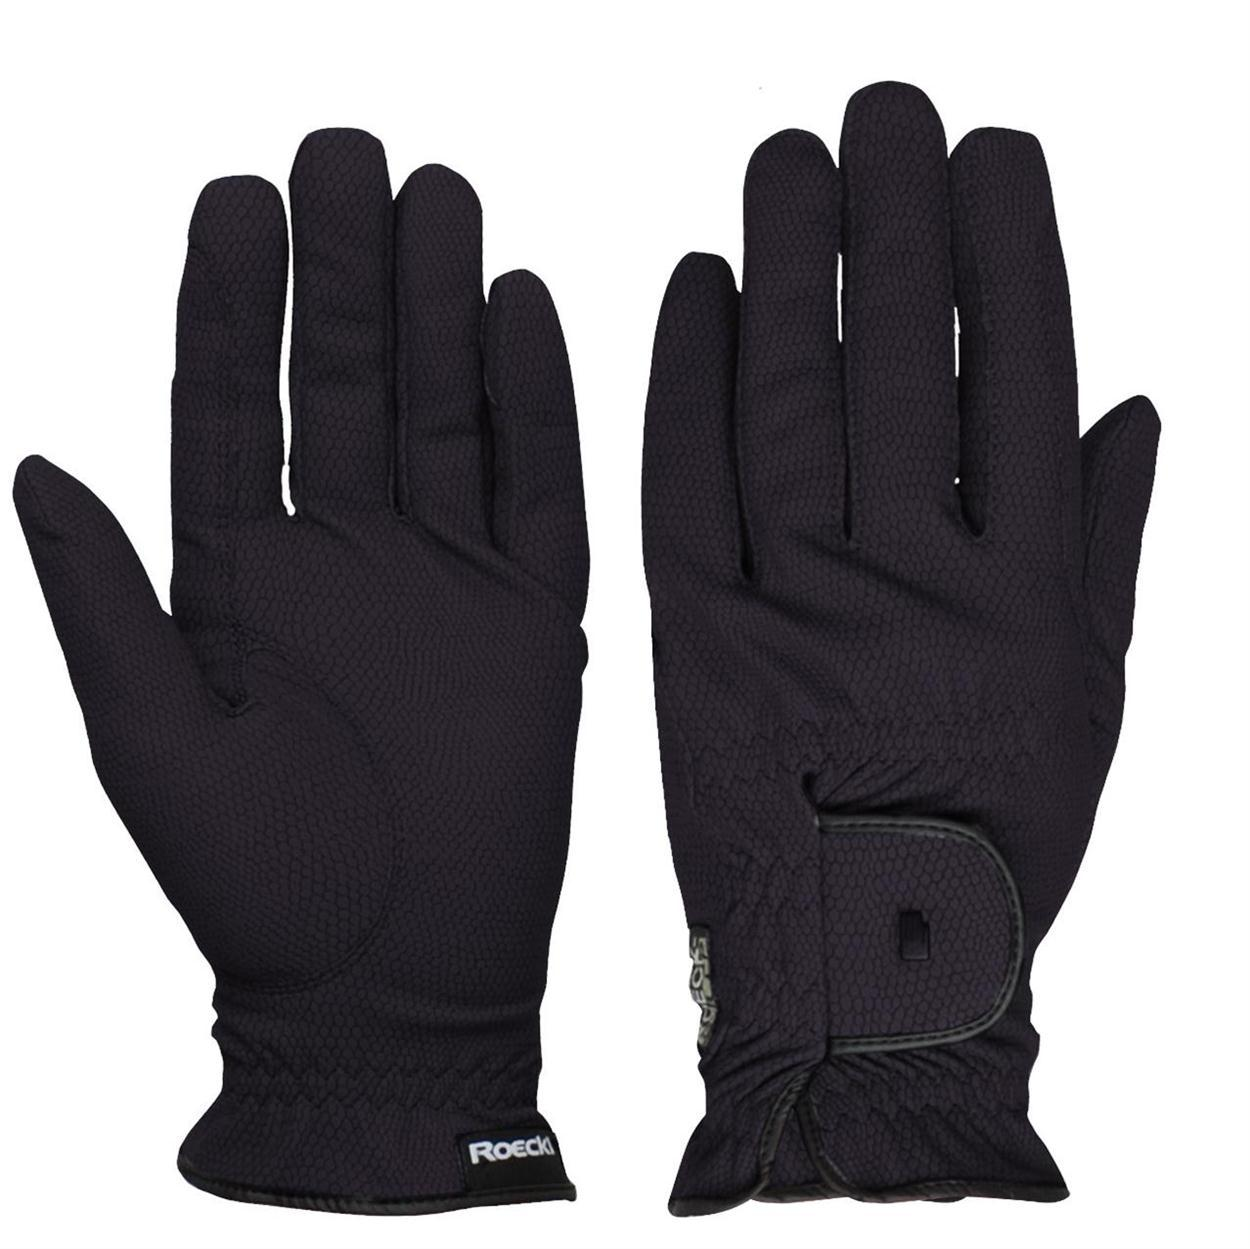 Roeckl Roeck grip Handschoen zwart maat:10